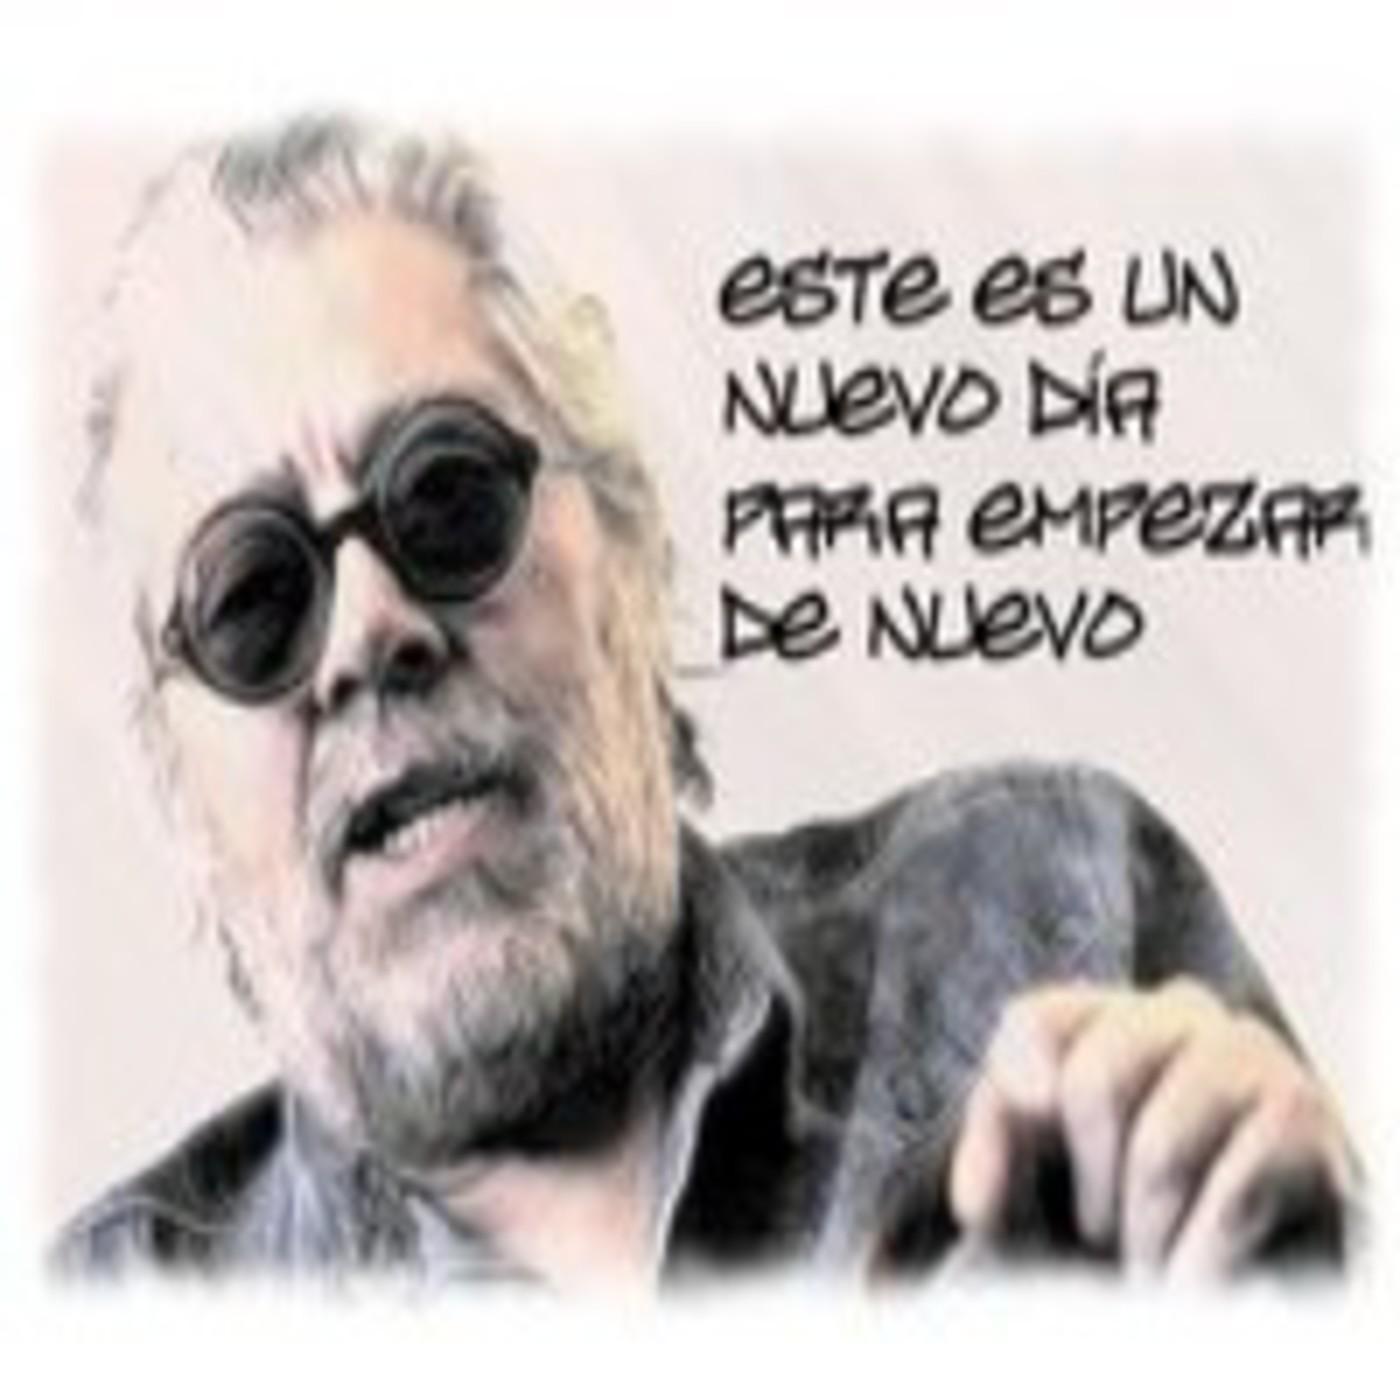 Facundo Cabral Entrevista En Podcast Soi D Quiroga En Mp316